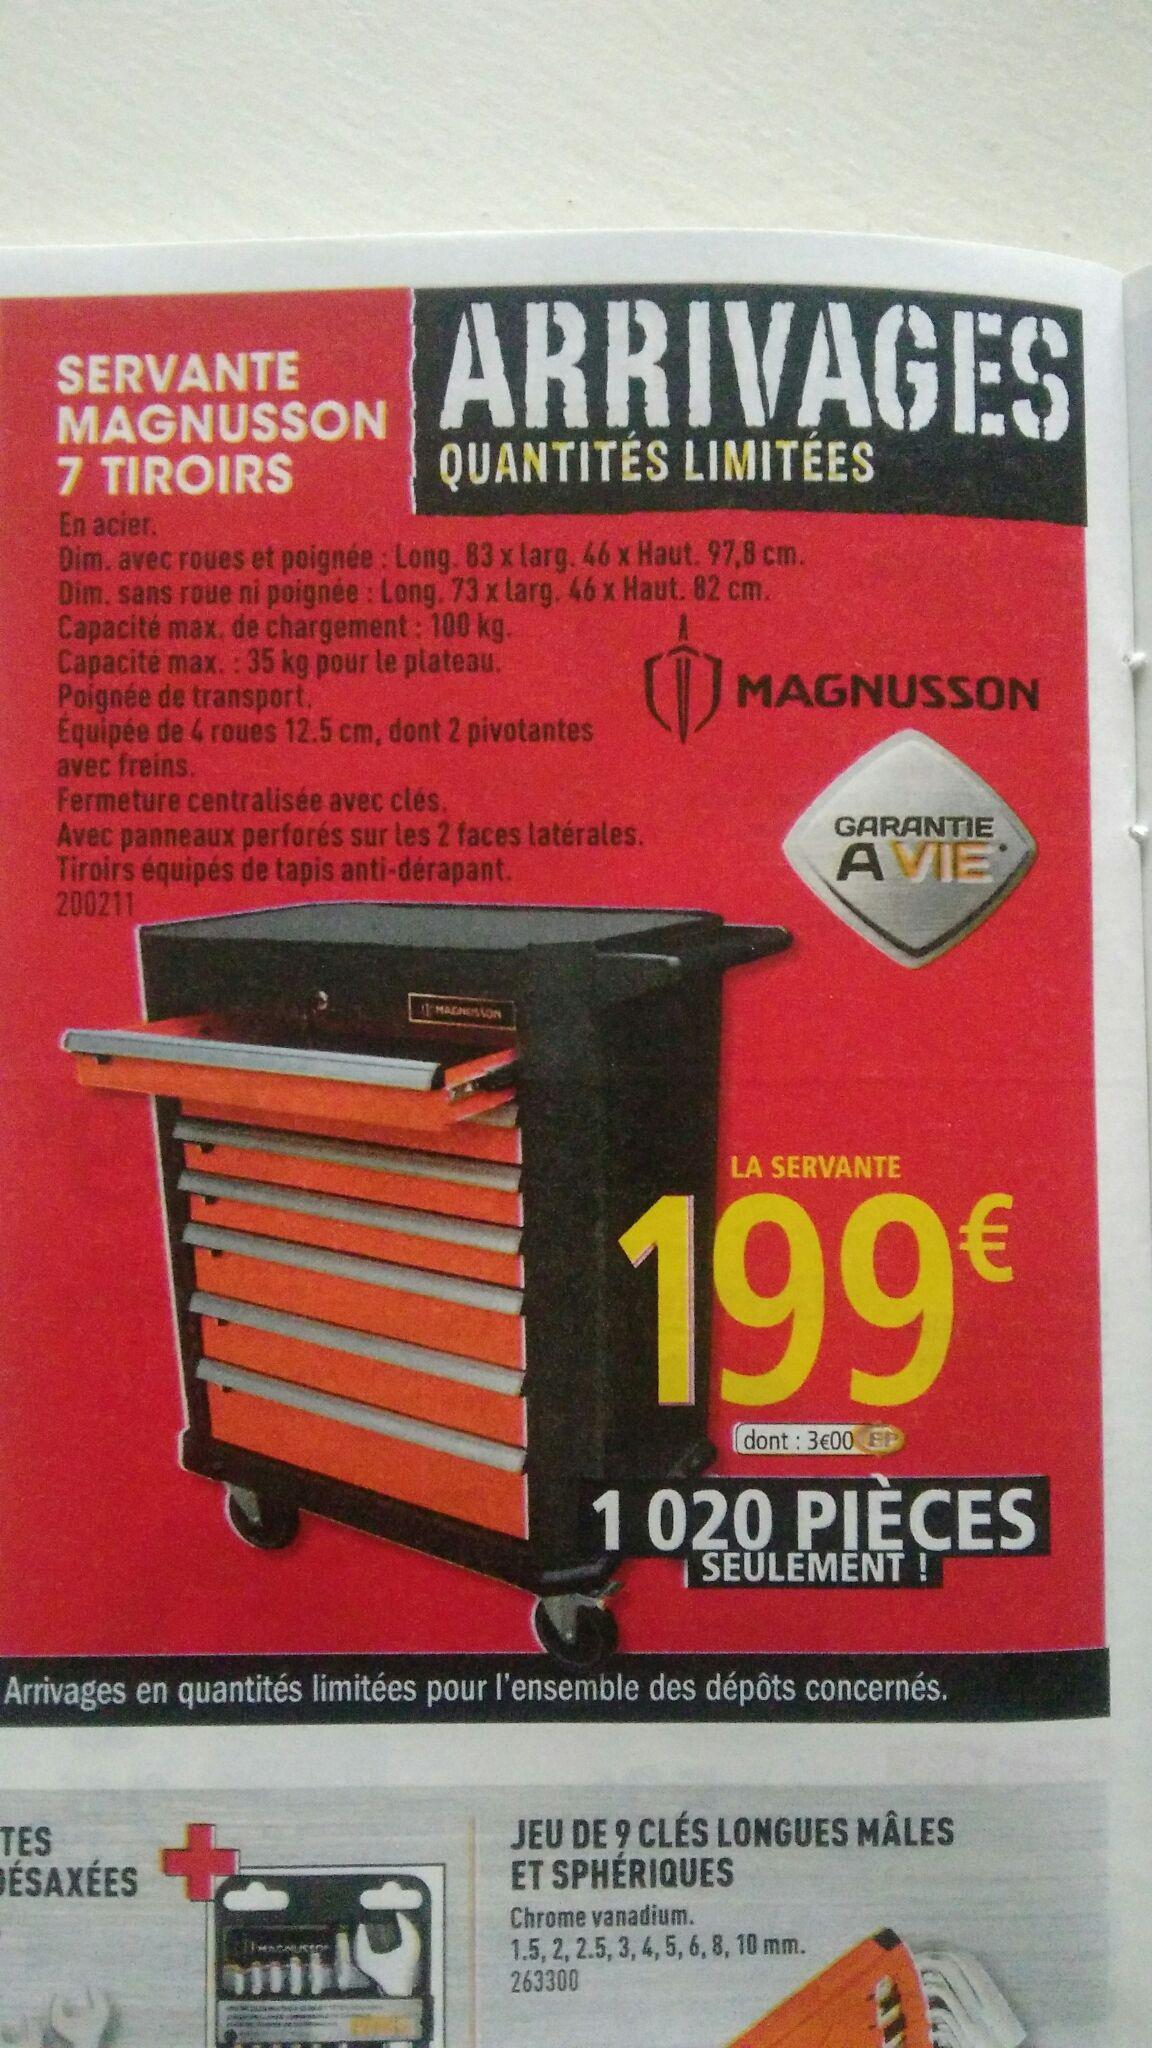 Servante d'atelier Magnusson 83x46x97 - Dealabs.com